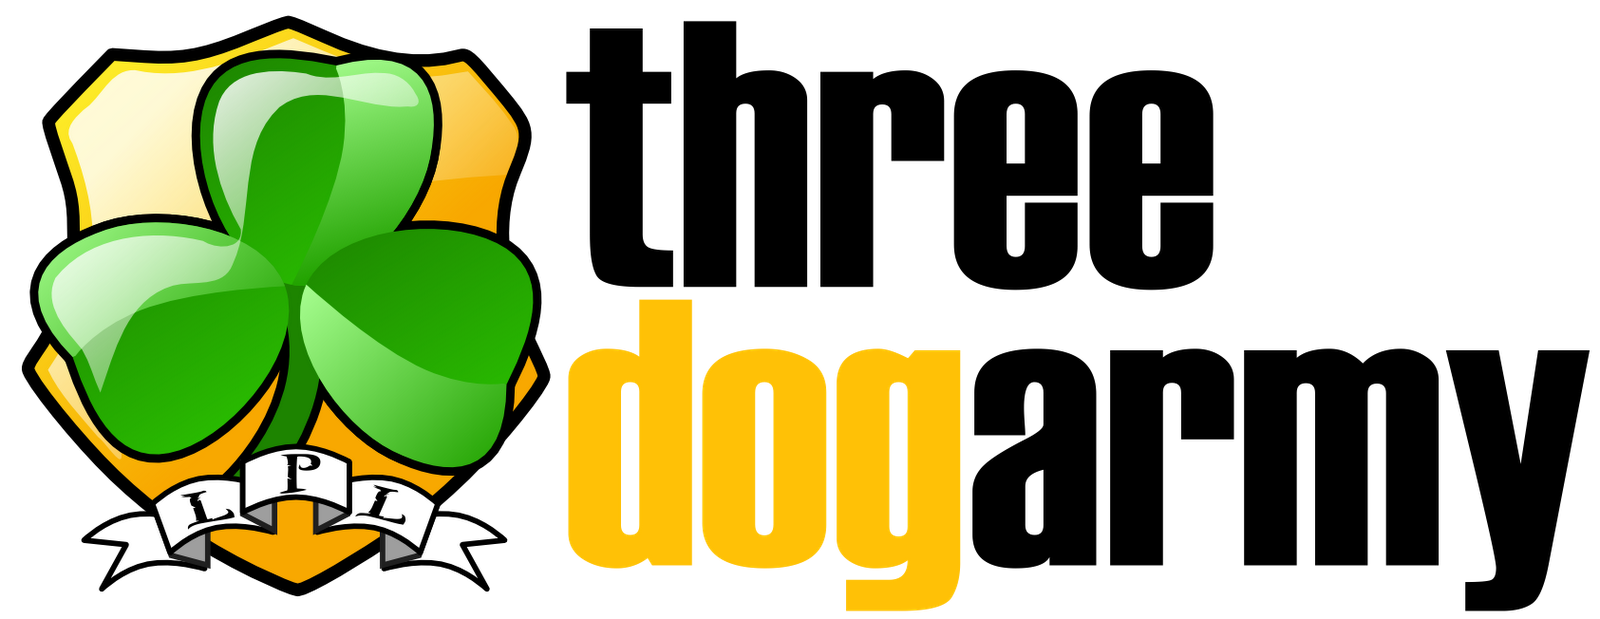 Three Dog Army